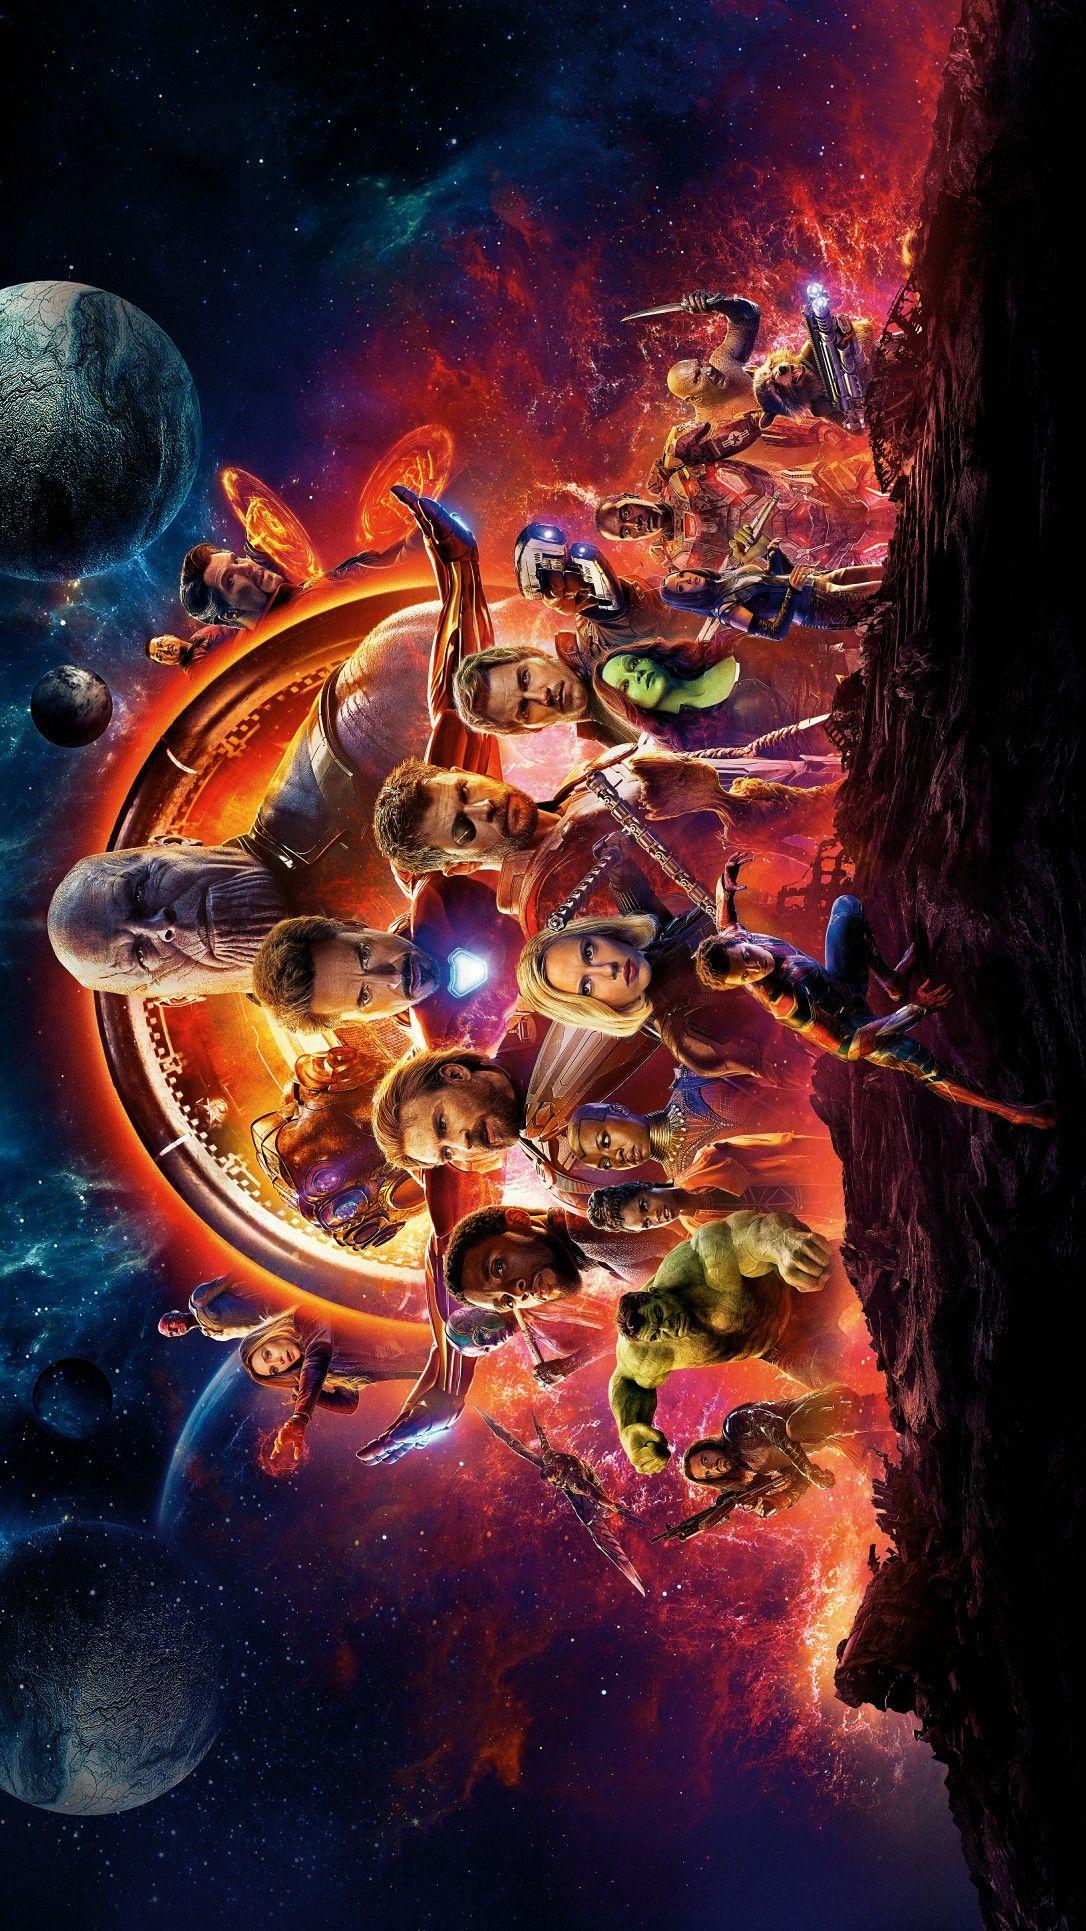 Avengers Infinity War Fullscreen Wallpaper For Desktop Marvel